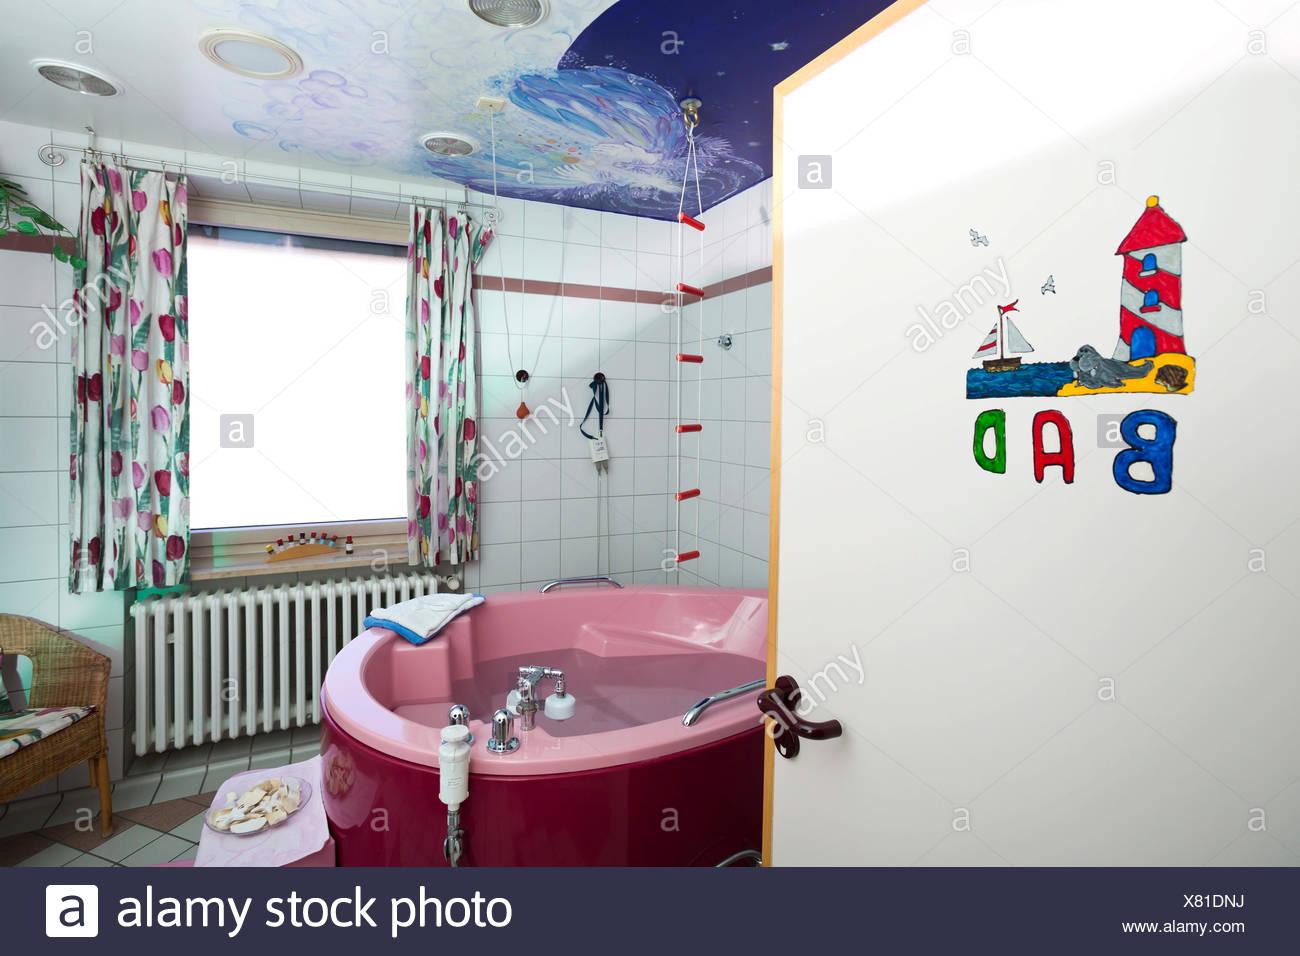 Badezimmer Mit Badewanne Geburt In Einer Entbindungsstation Deutschland Stockfotografie Alamy